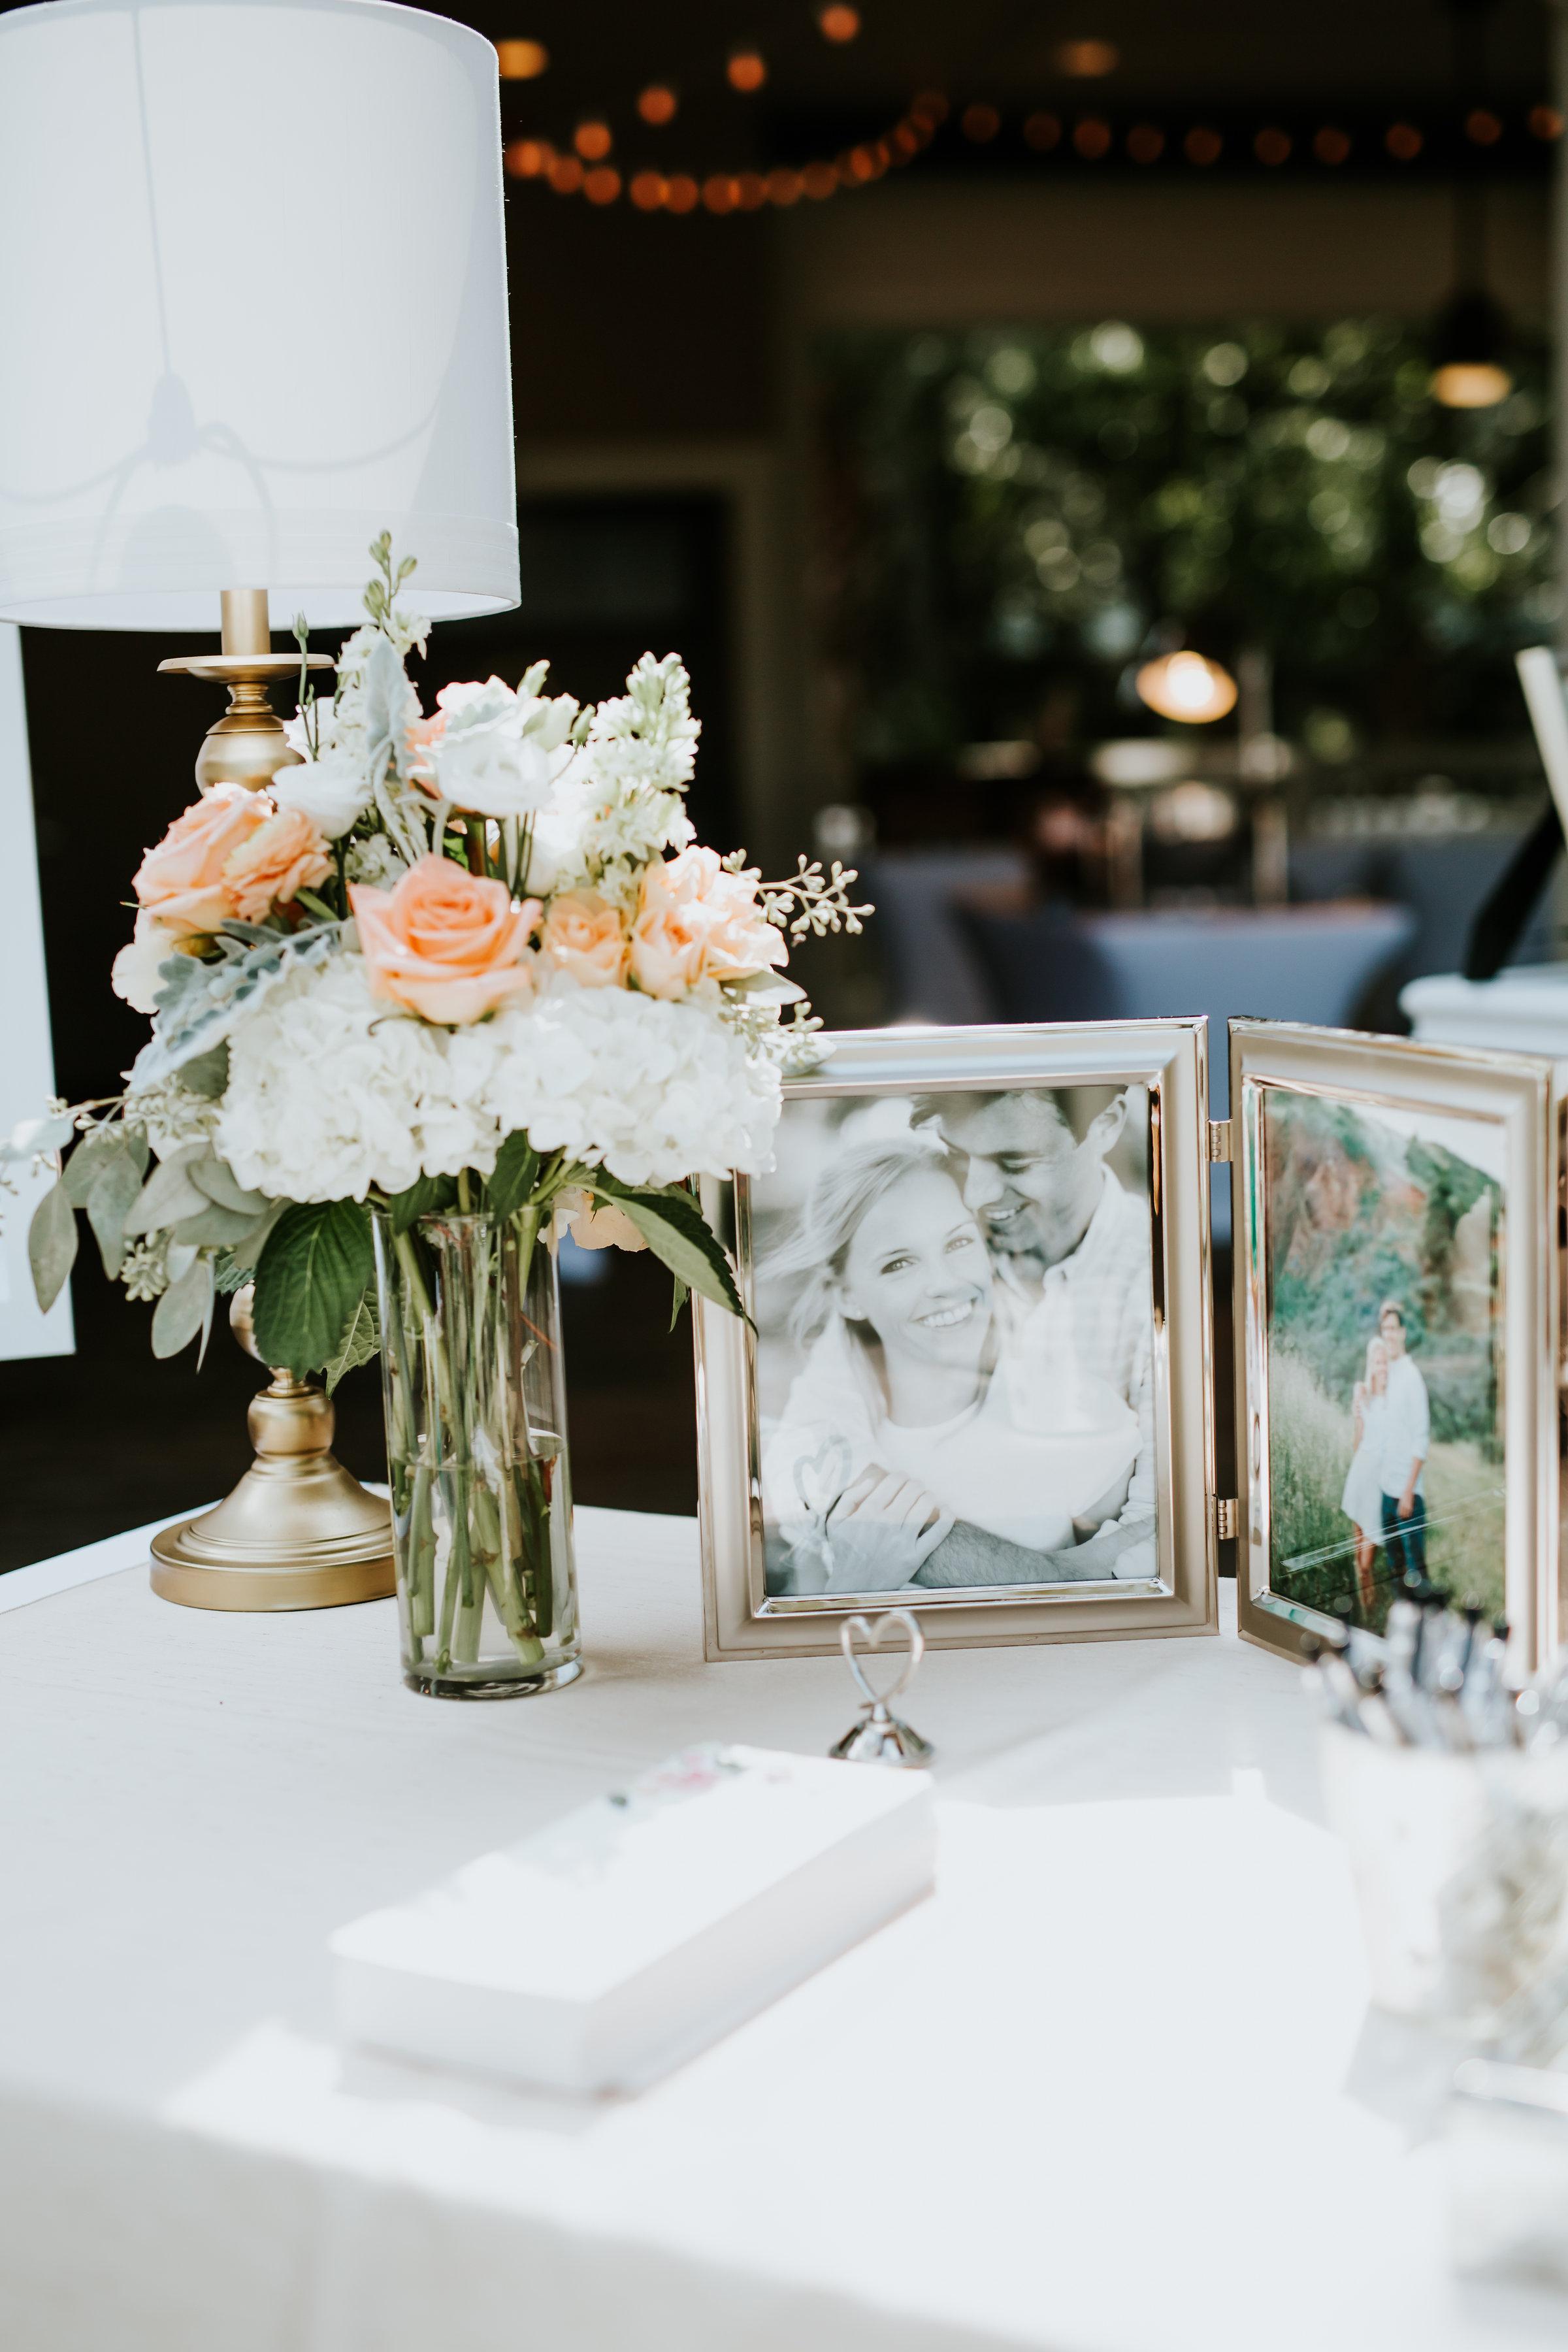 omni-hilton-head-wedding-20.jpg